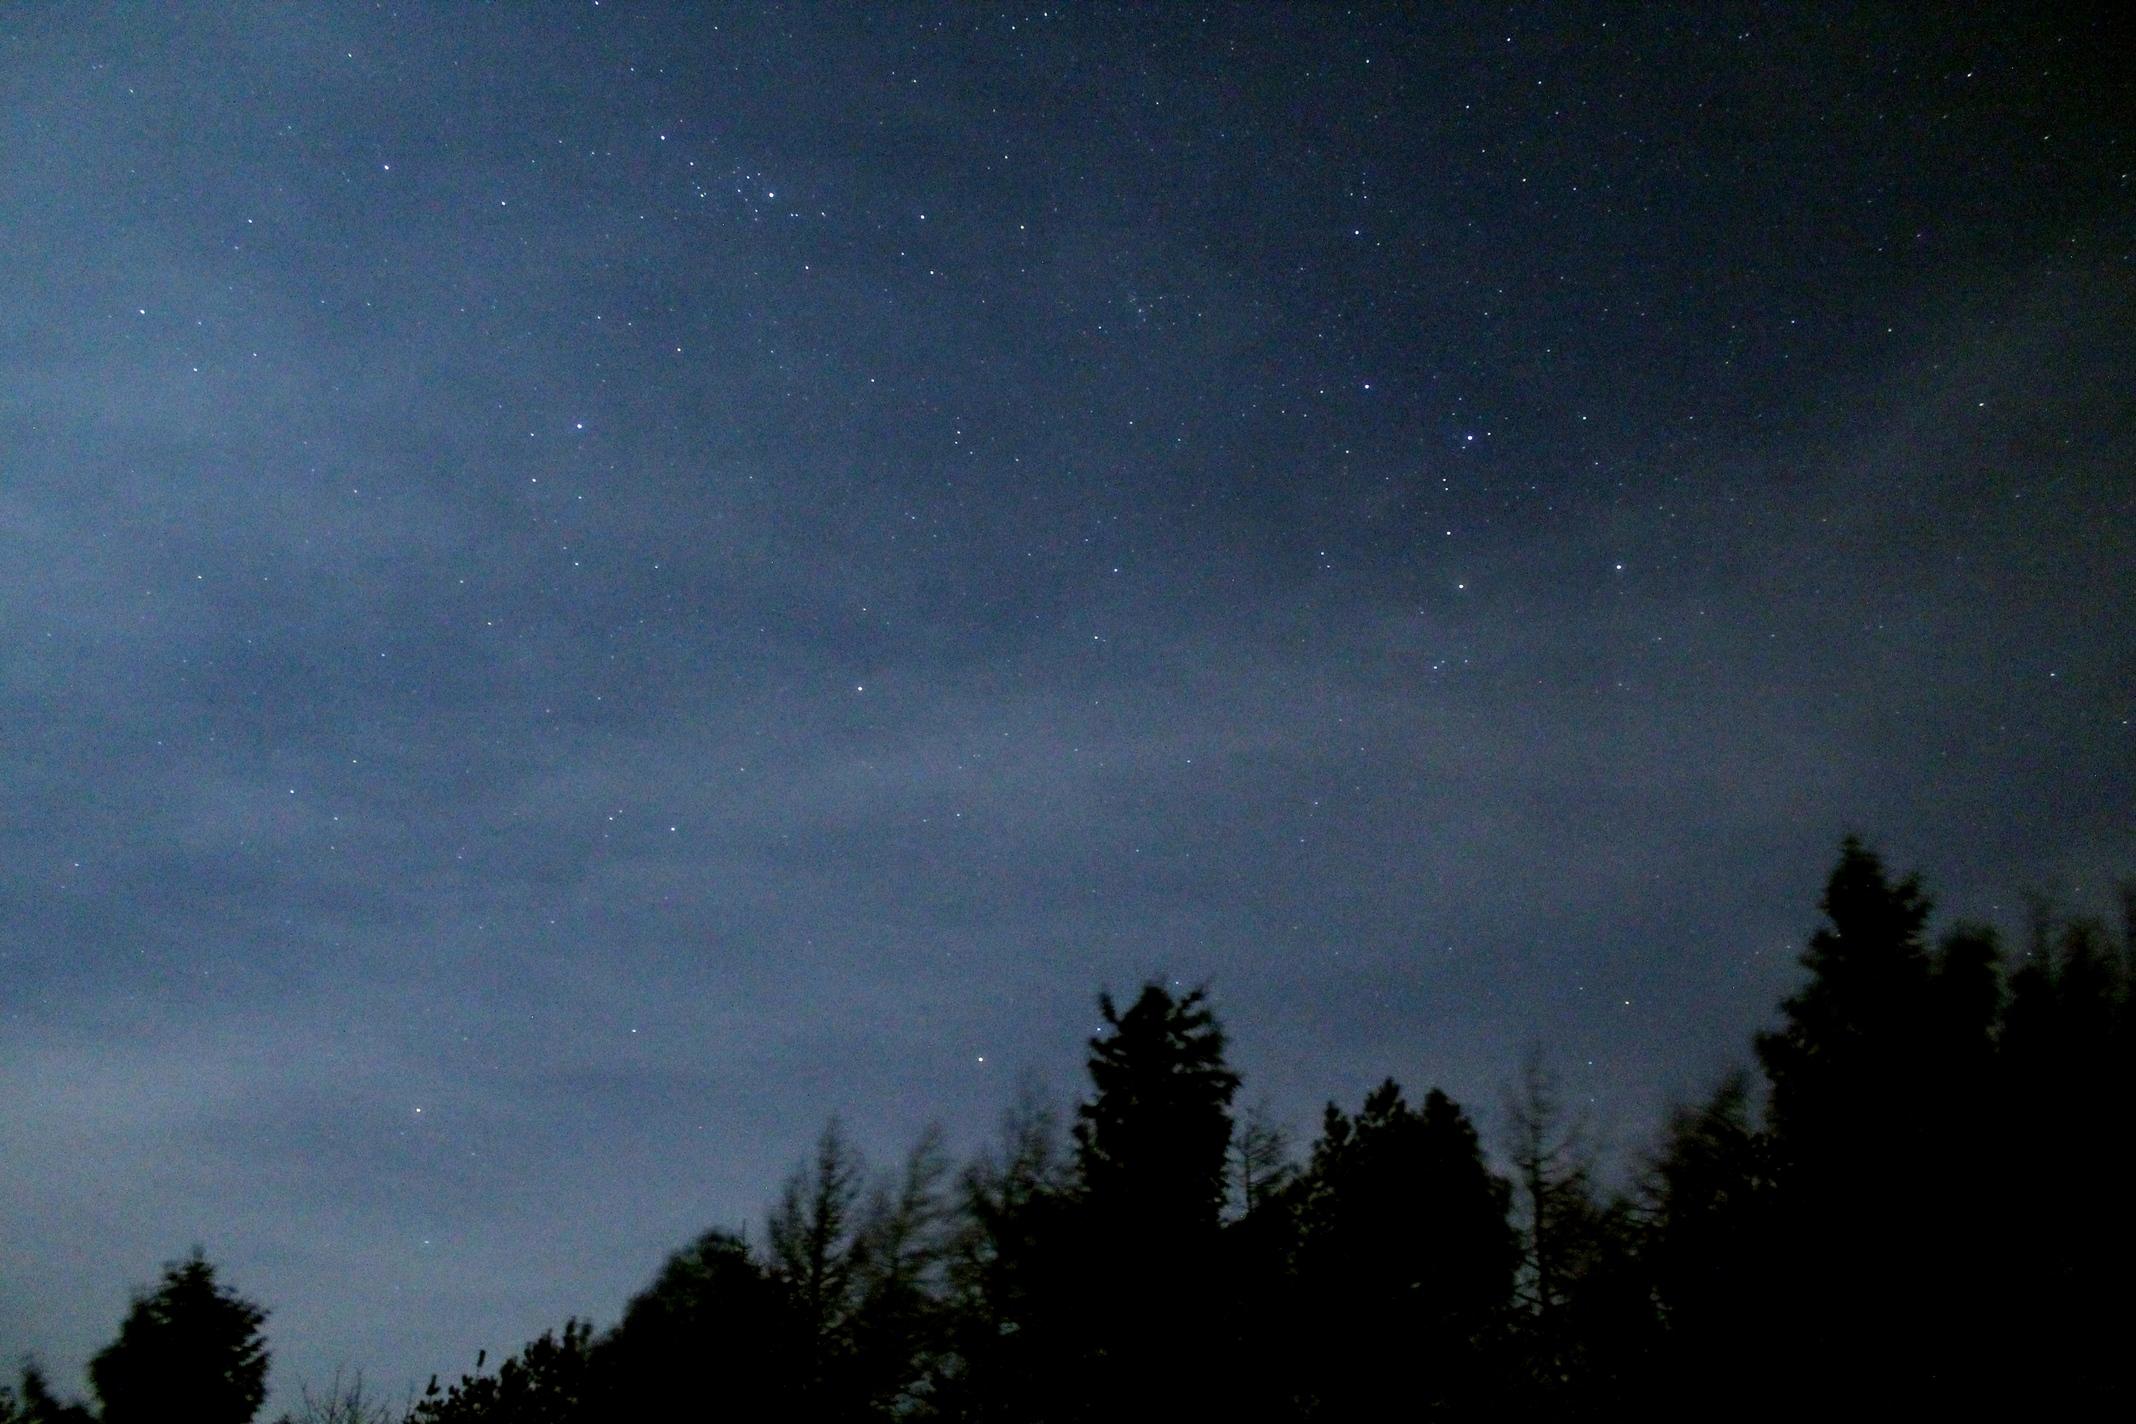 V Lenartu konec tedna tradicionalna Agatina noč